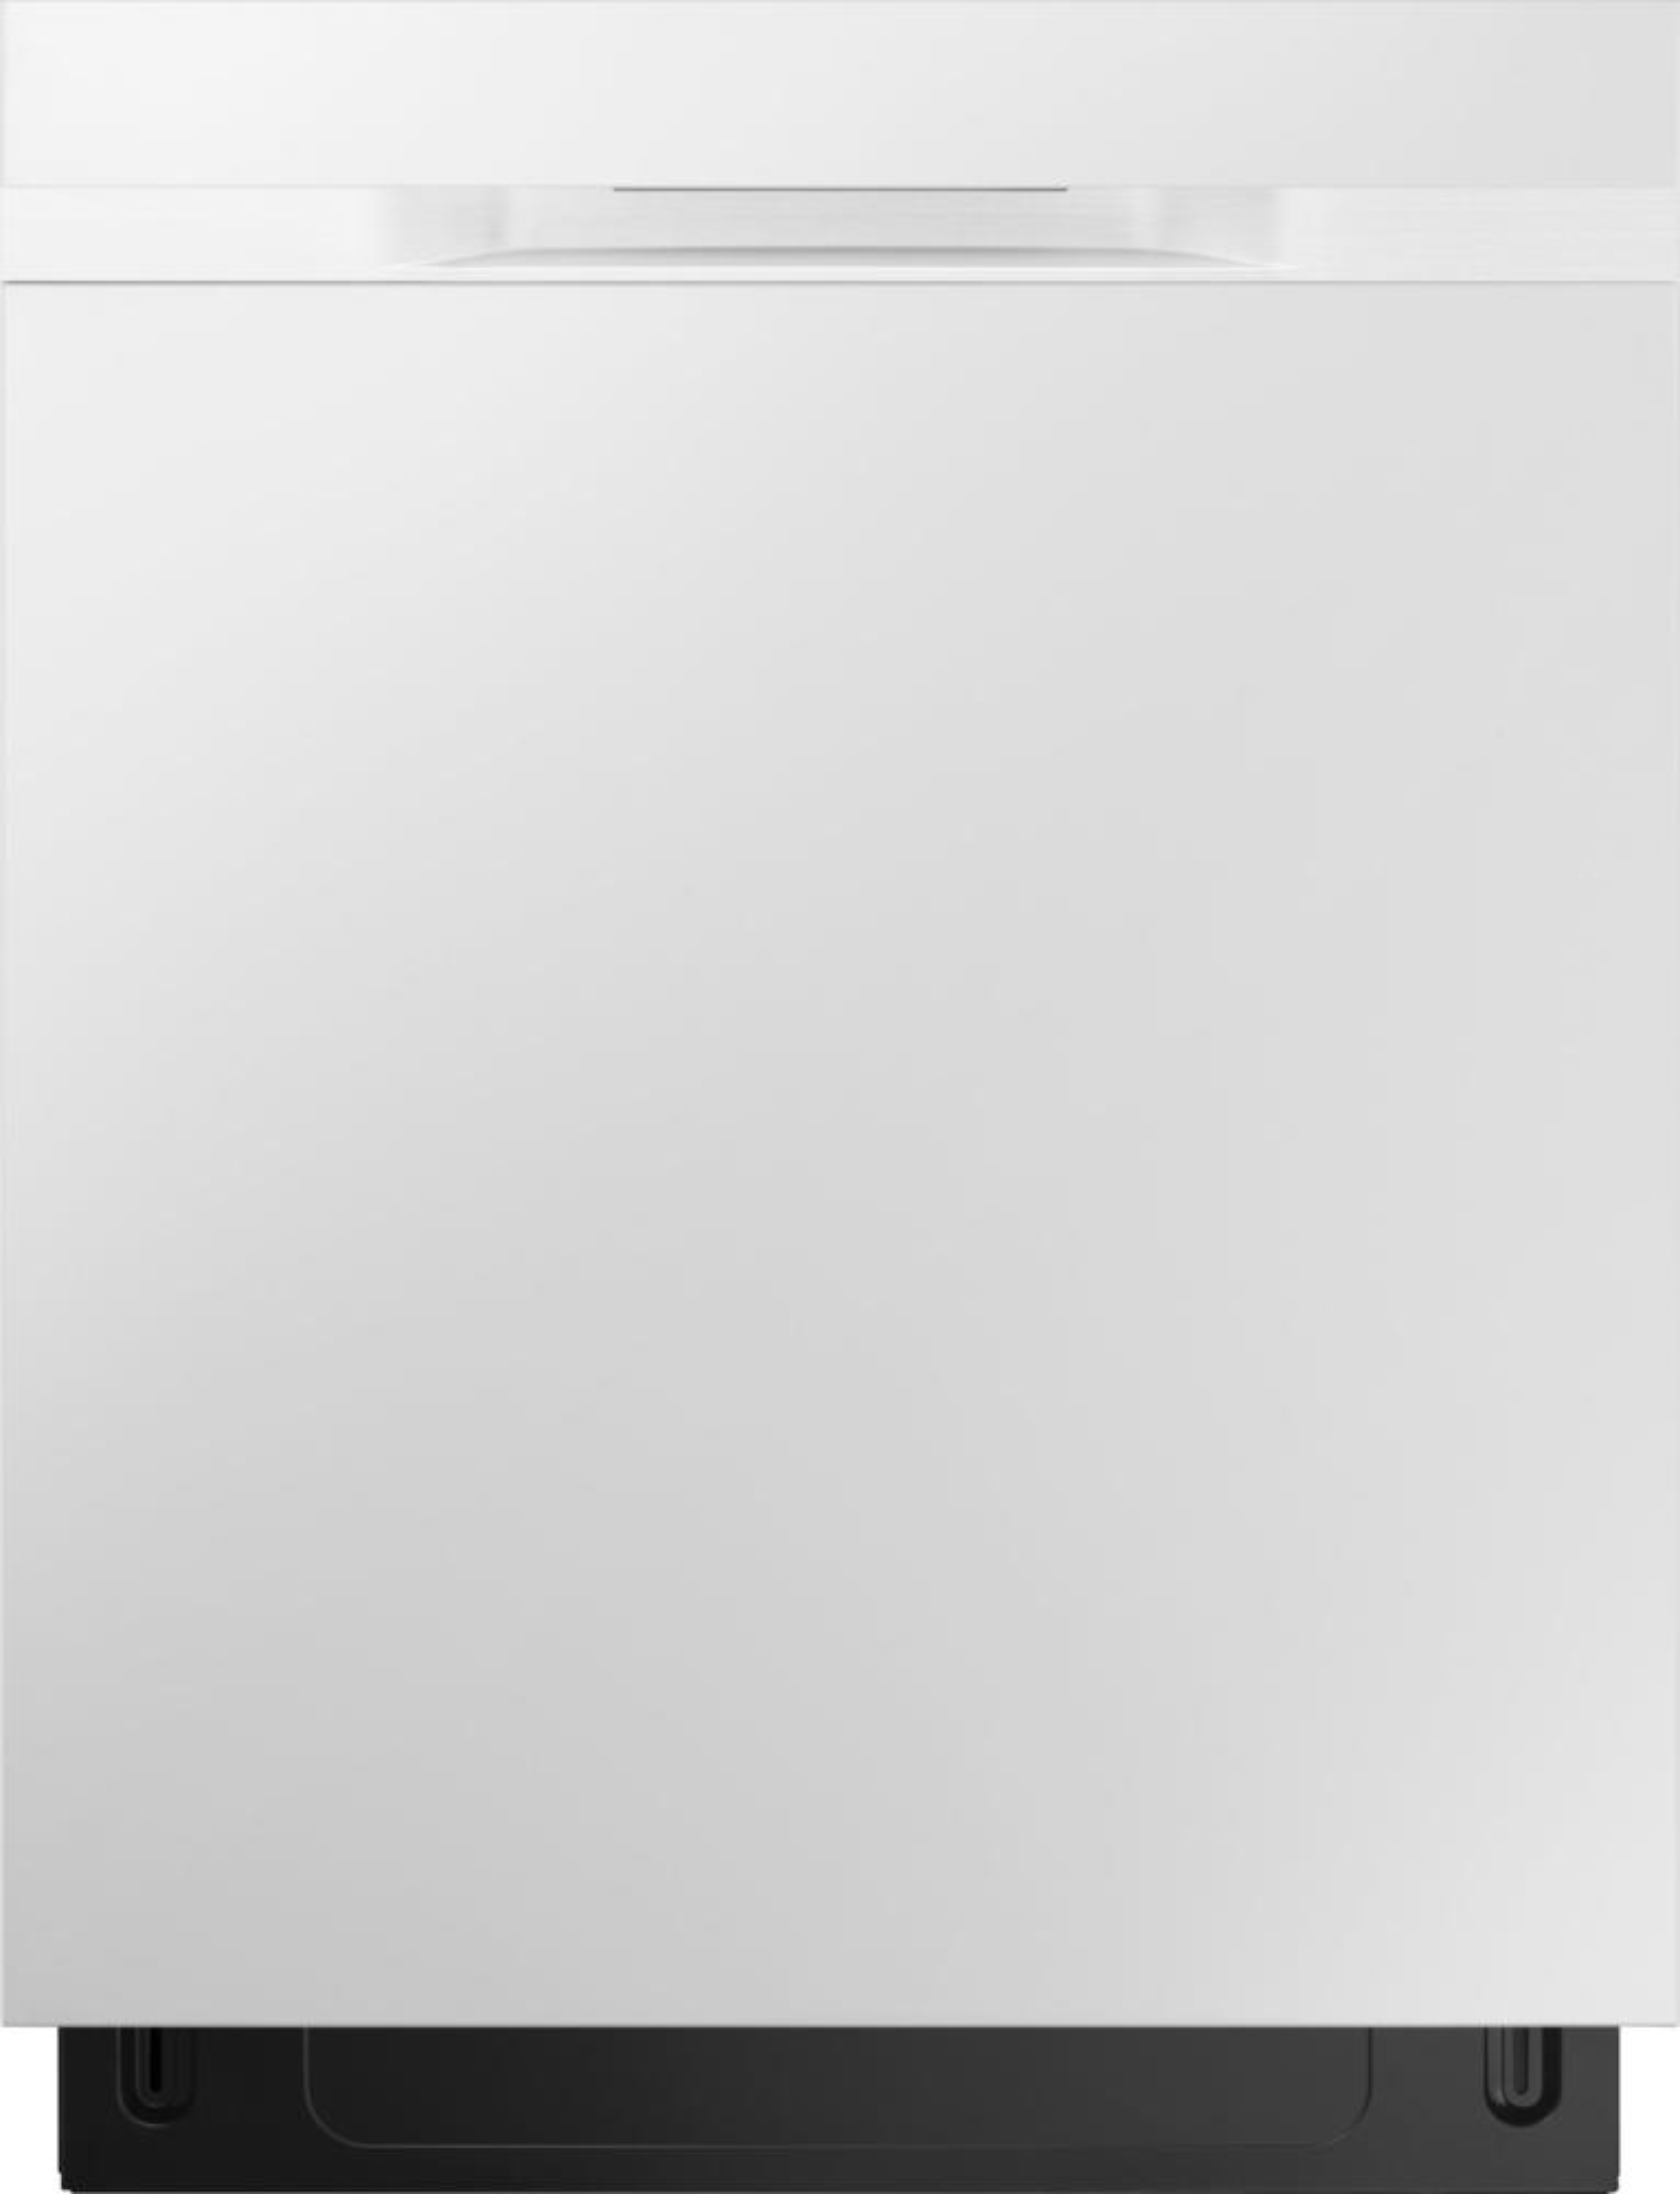 """Samsung StormWash 24"""" Top Control Built-In Dishwasher White DW80K5050UW"""